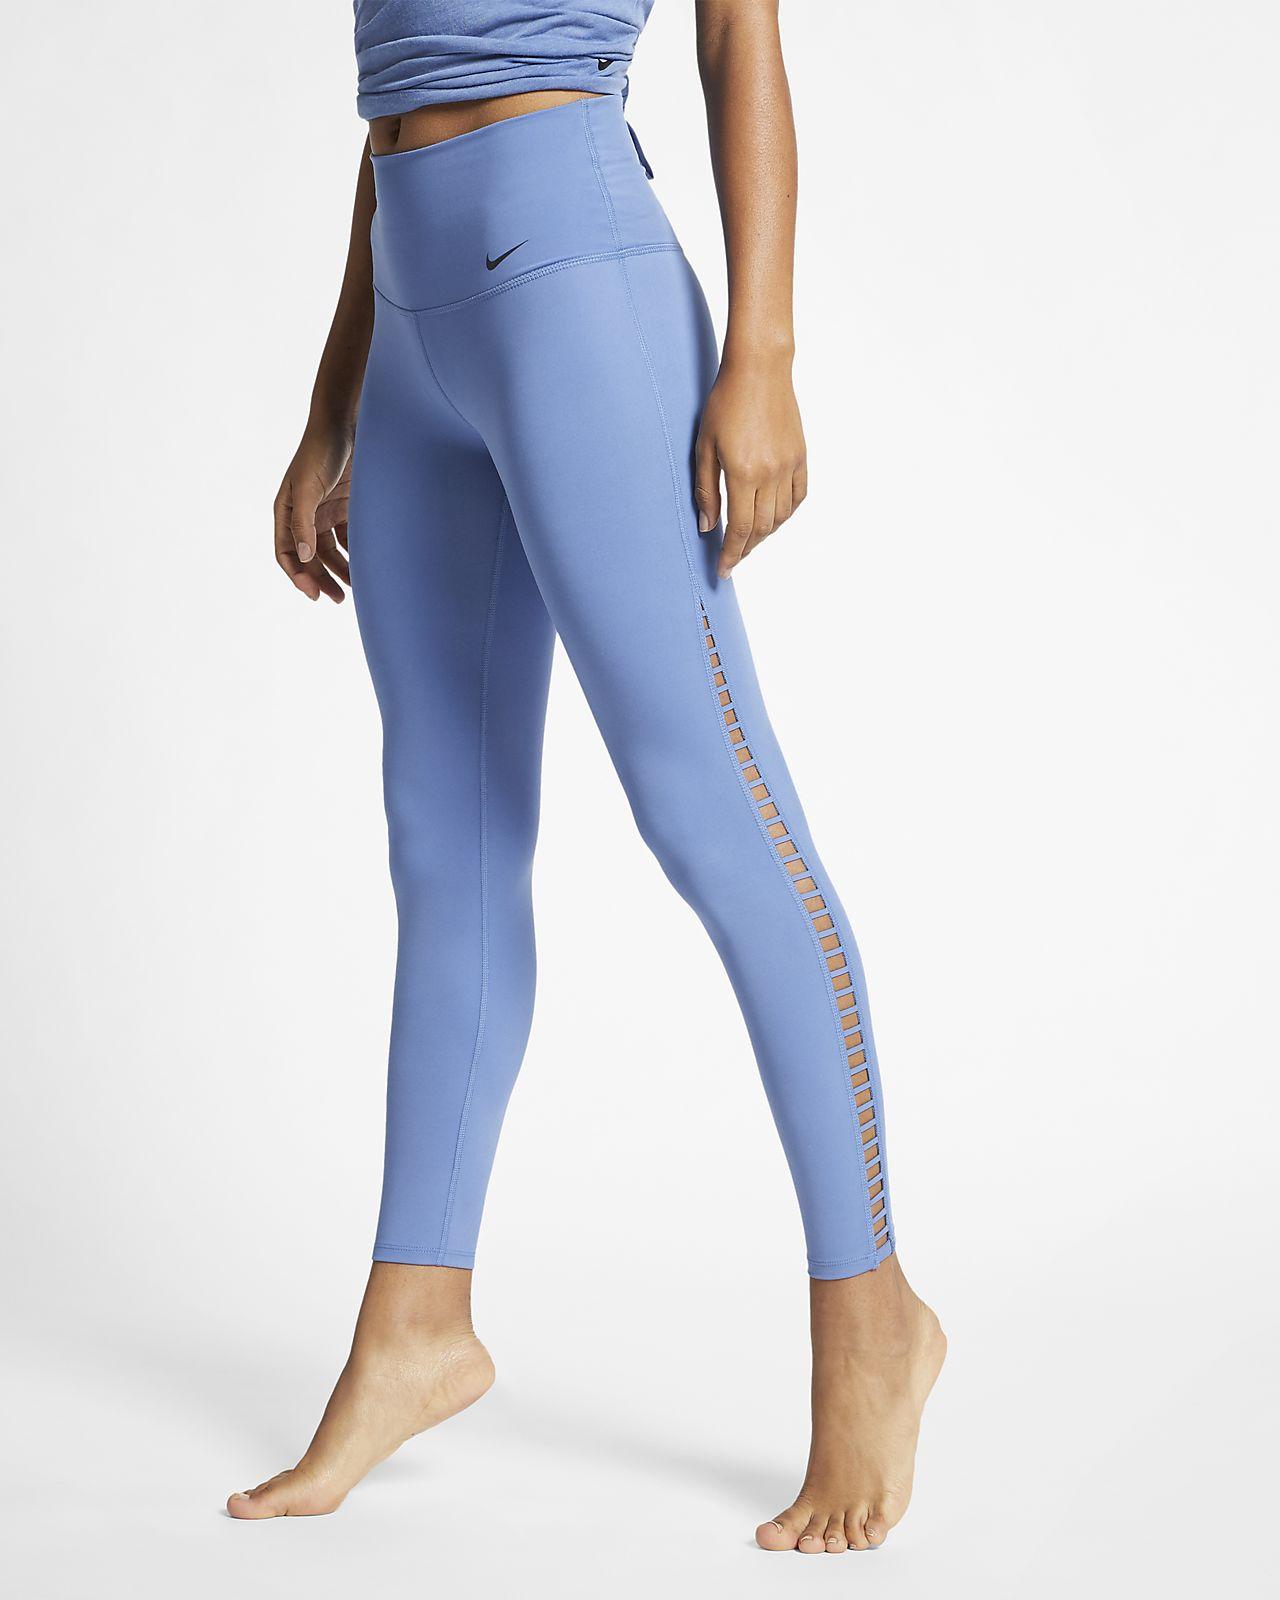 Nike Dri-FIT Power Mallas de entrenamiento de 7/8 - Mujer